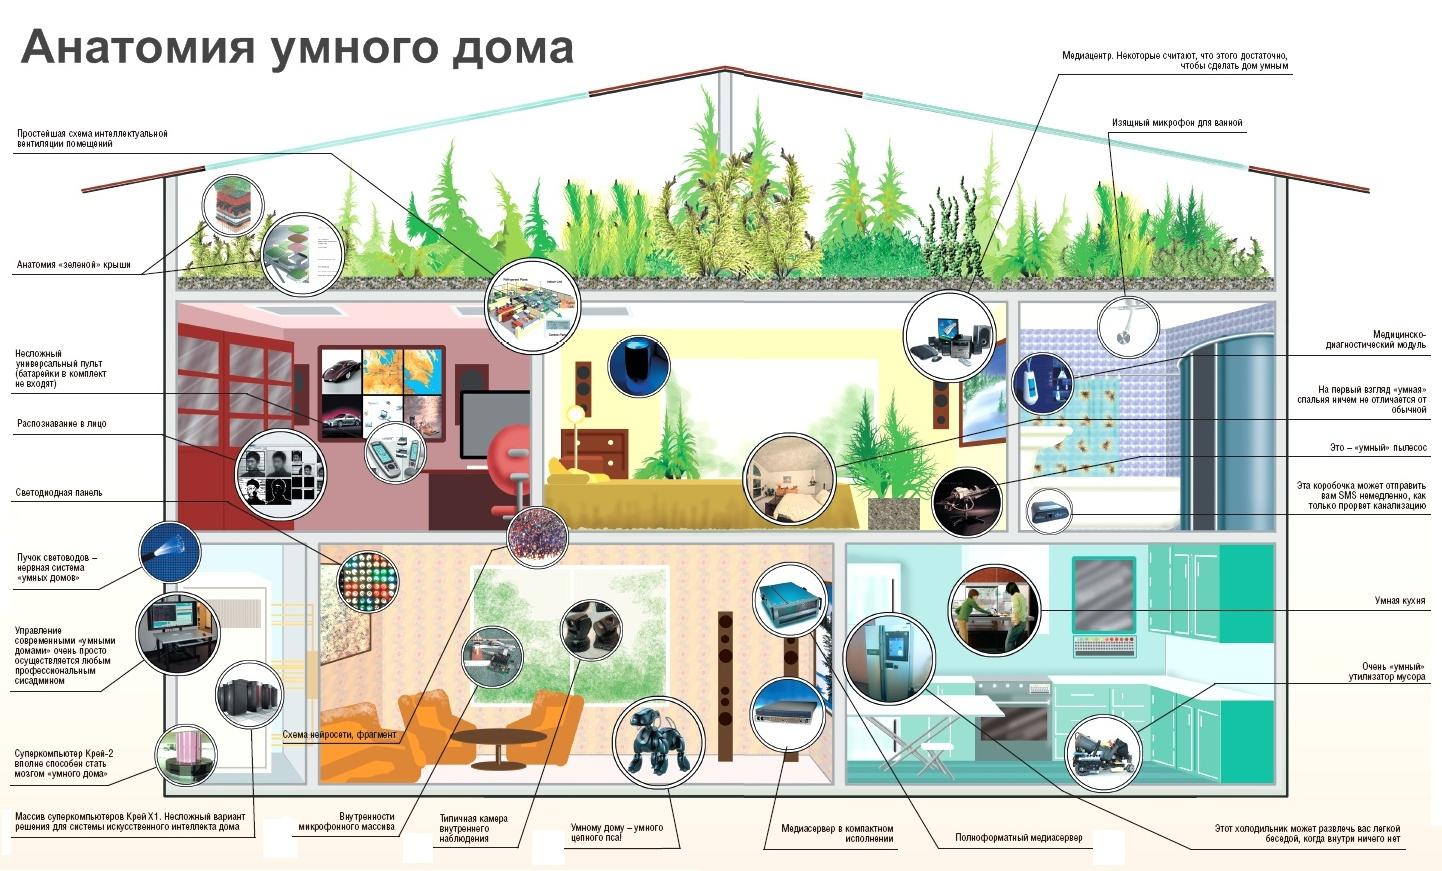 эдс_умный-дом4